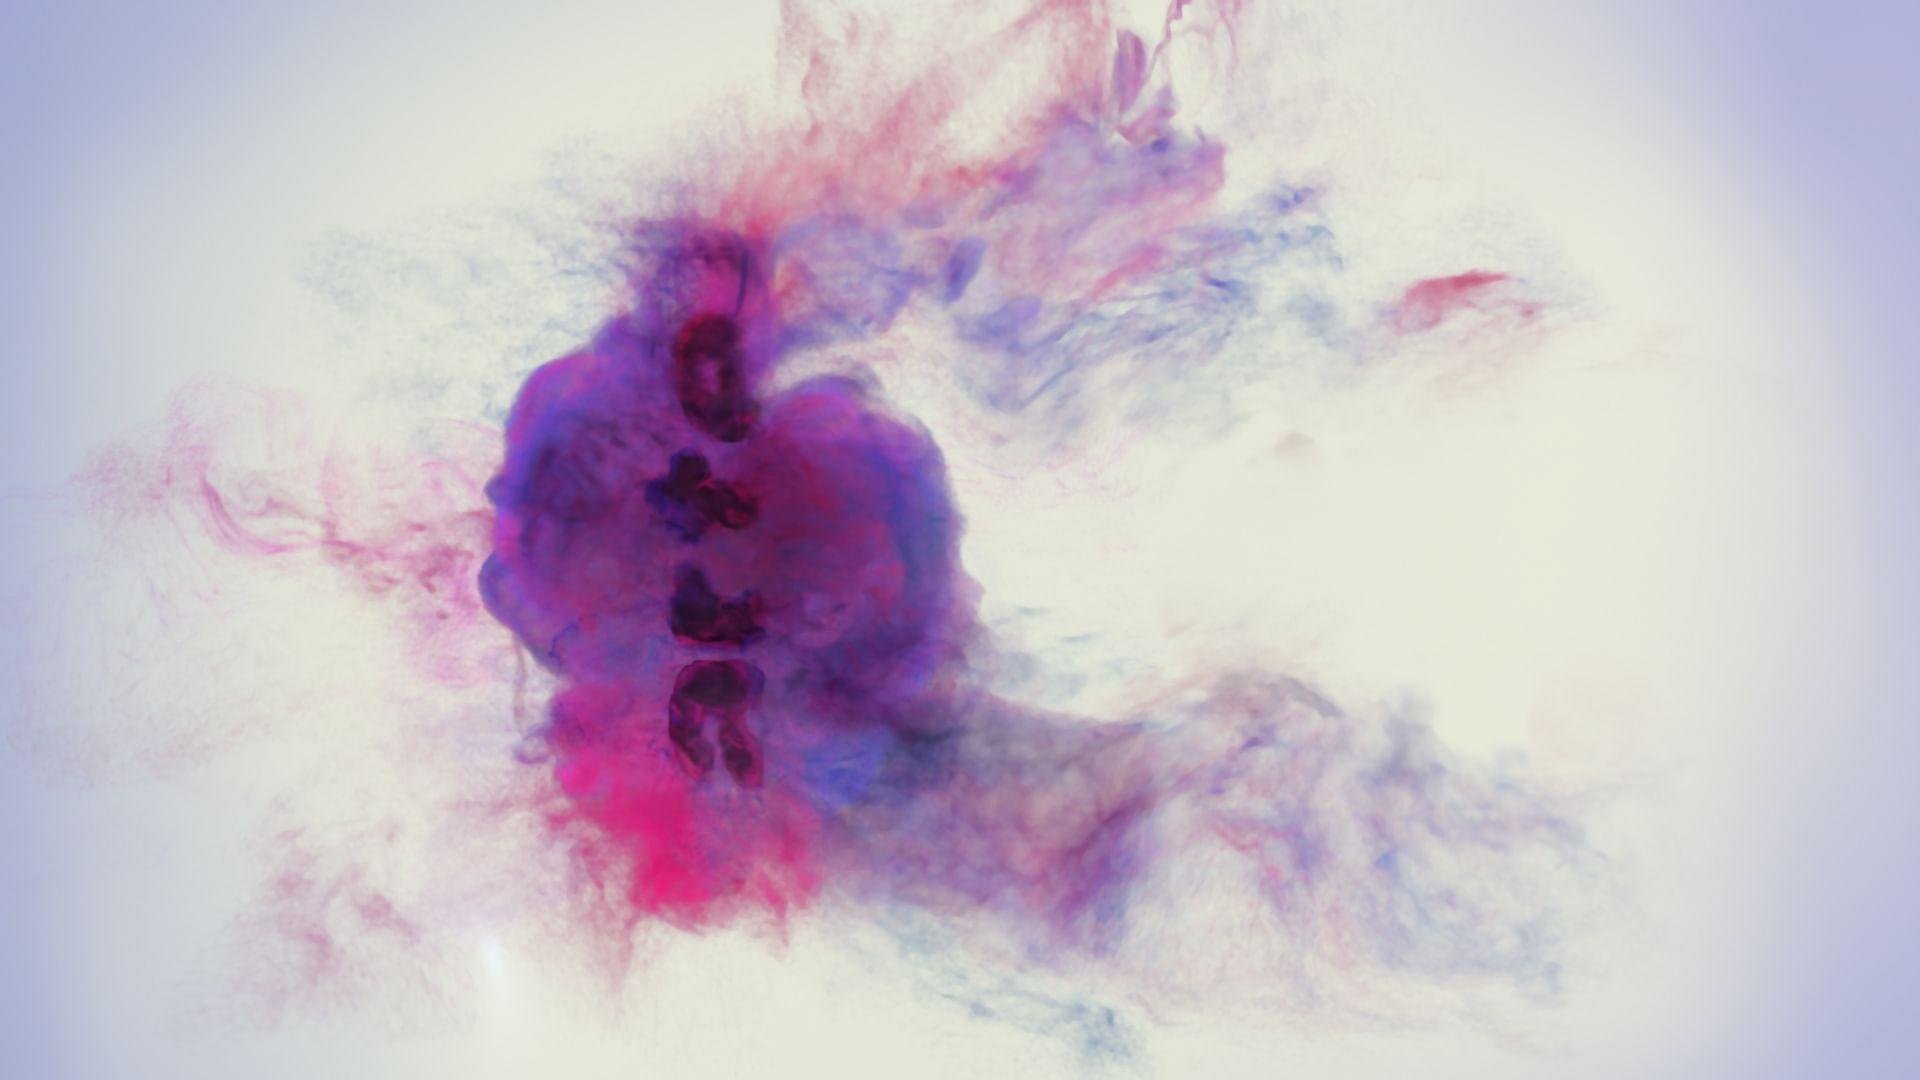 Fashion geek (7/10) - Chip im Schuh